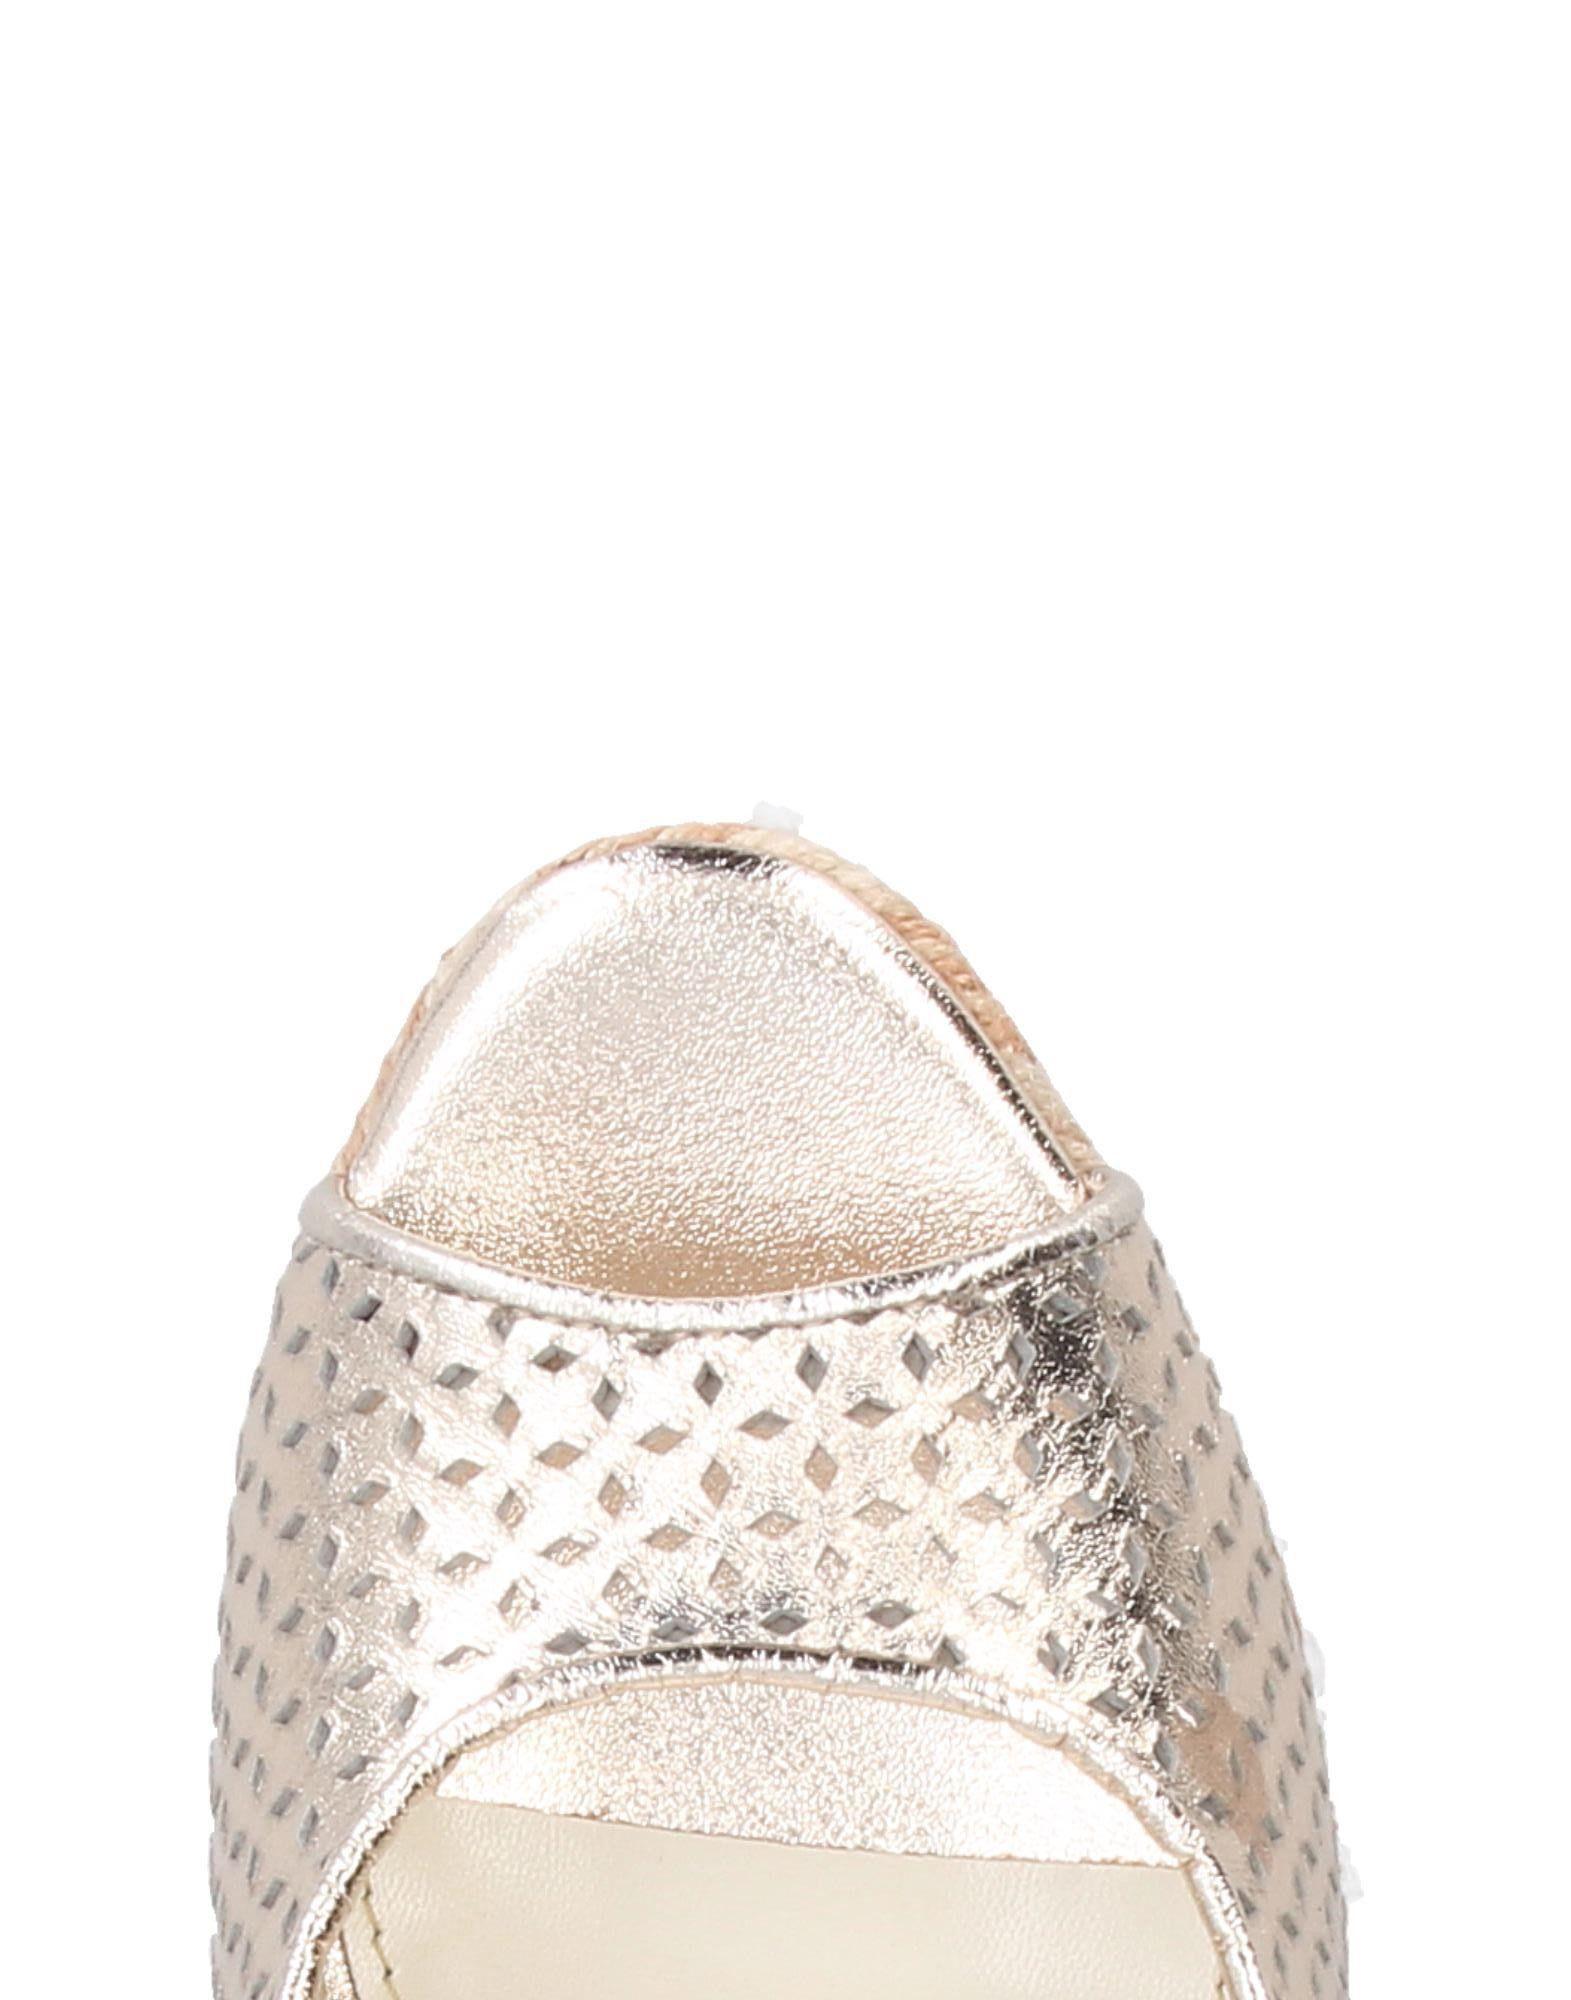 Apepazza Sandalen Damen beliebte  11391906XS Gute Qualität beliebte Damen Schuhe b47eec